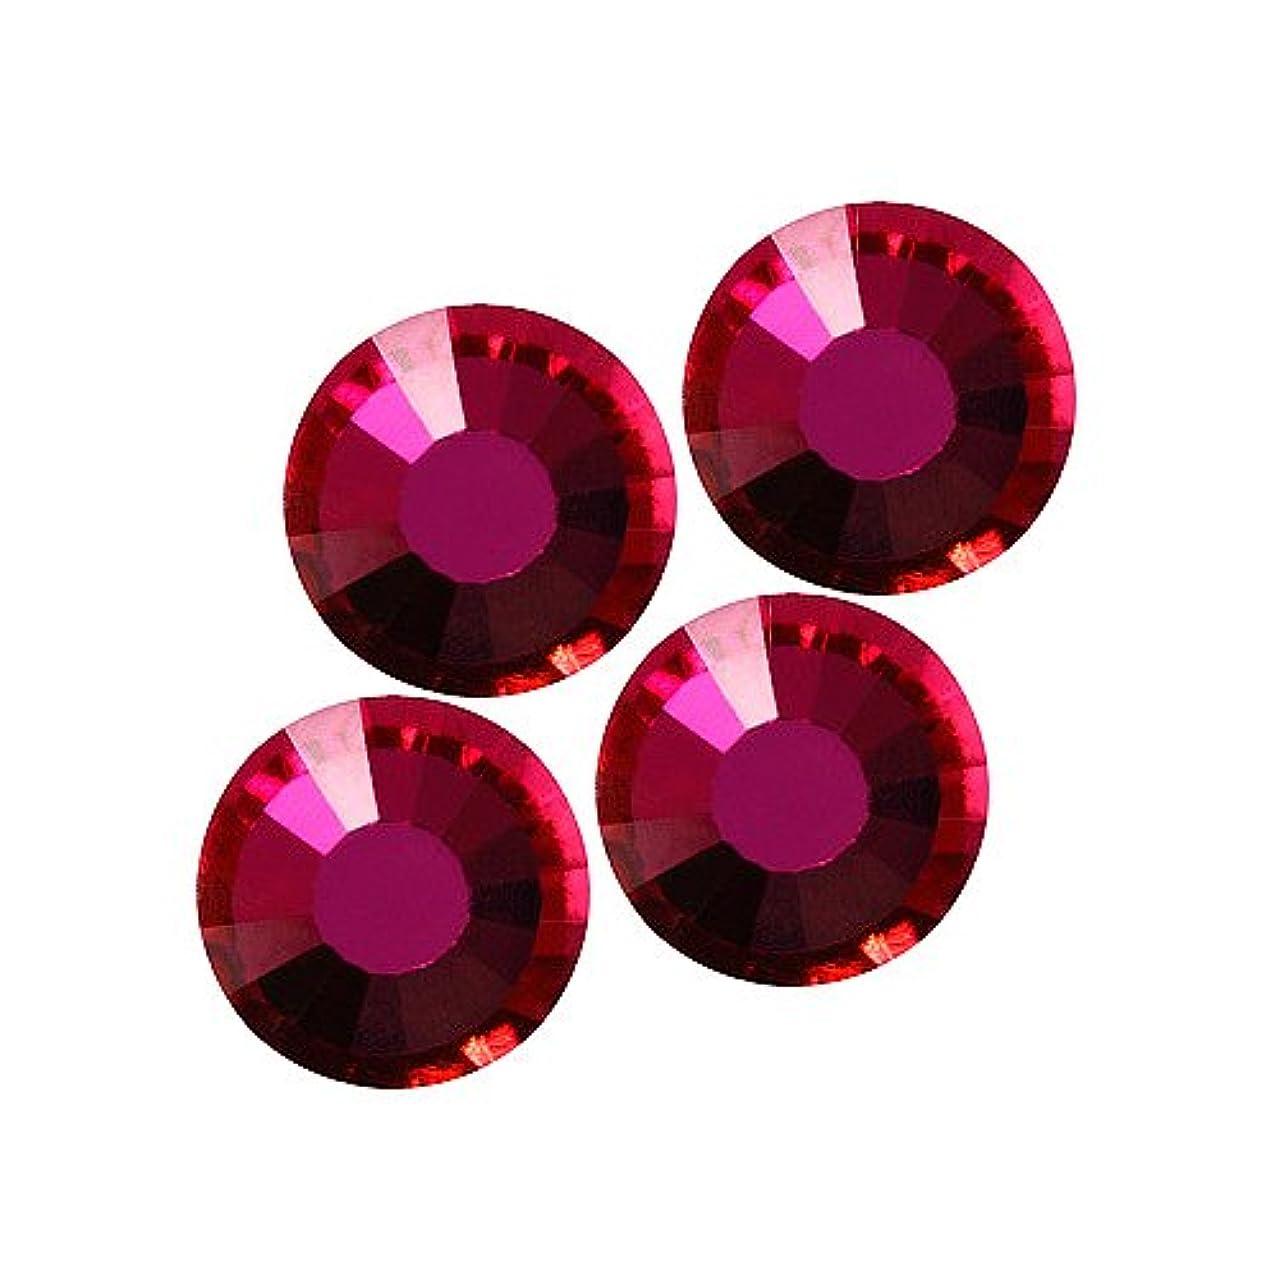 変更谷基礎理論バイナル DIAMOND RHINESTONE フューシャピンク SS8 720粒 ST-SS8-FPK-5G